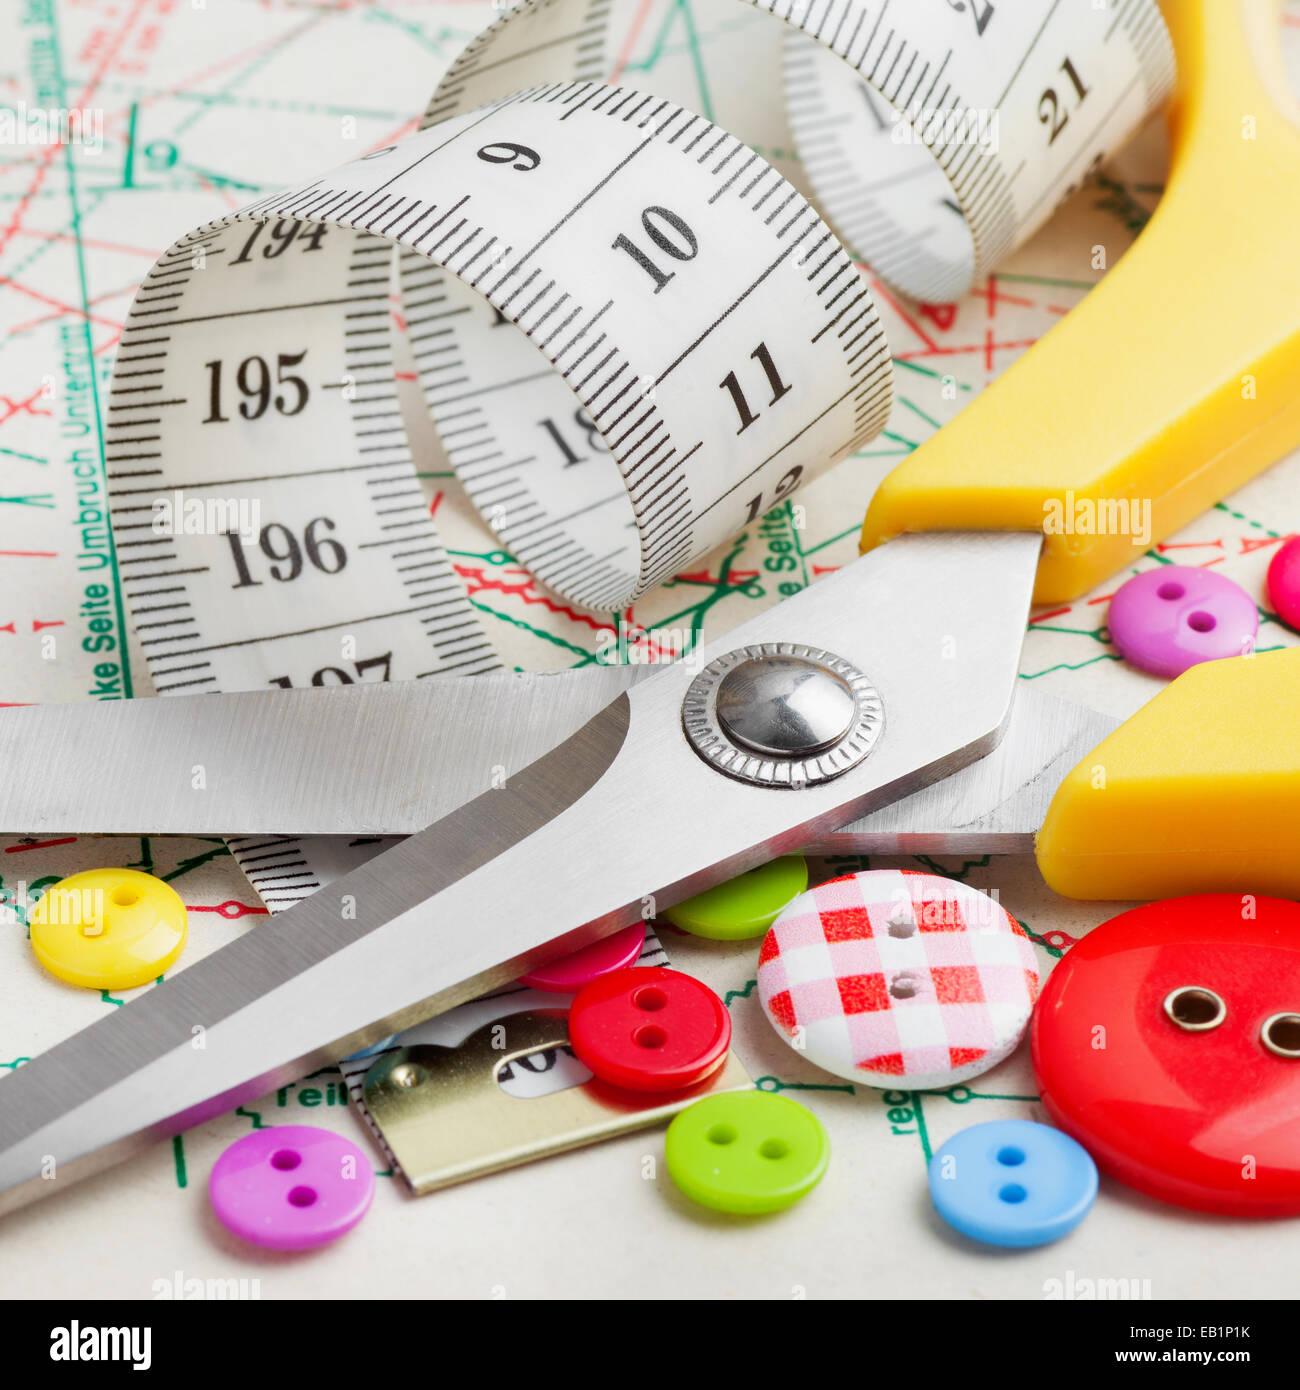 Elementos de costura: botones, tijeras, cinta de medir el patrón de costura Foto de stock